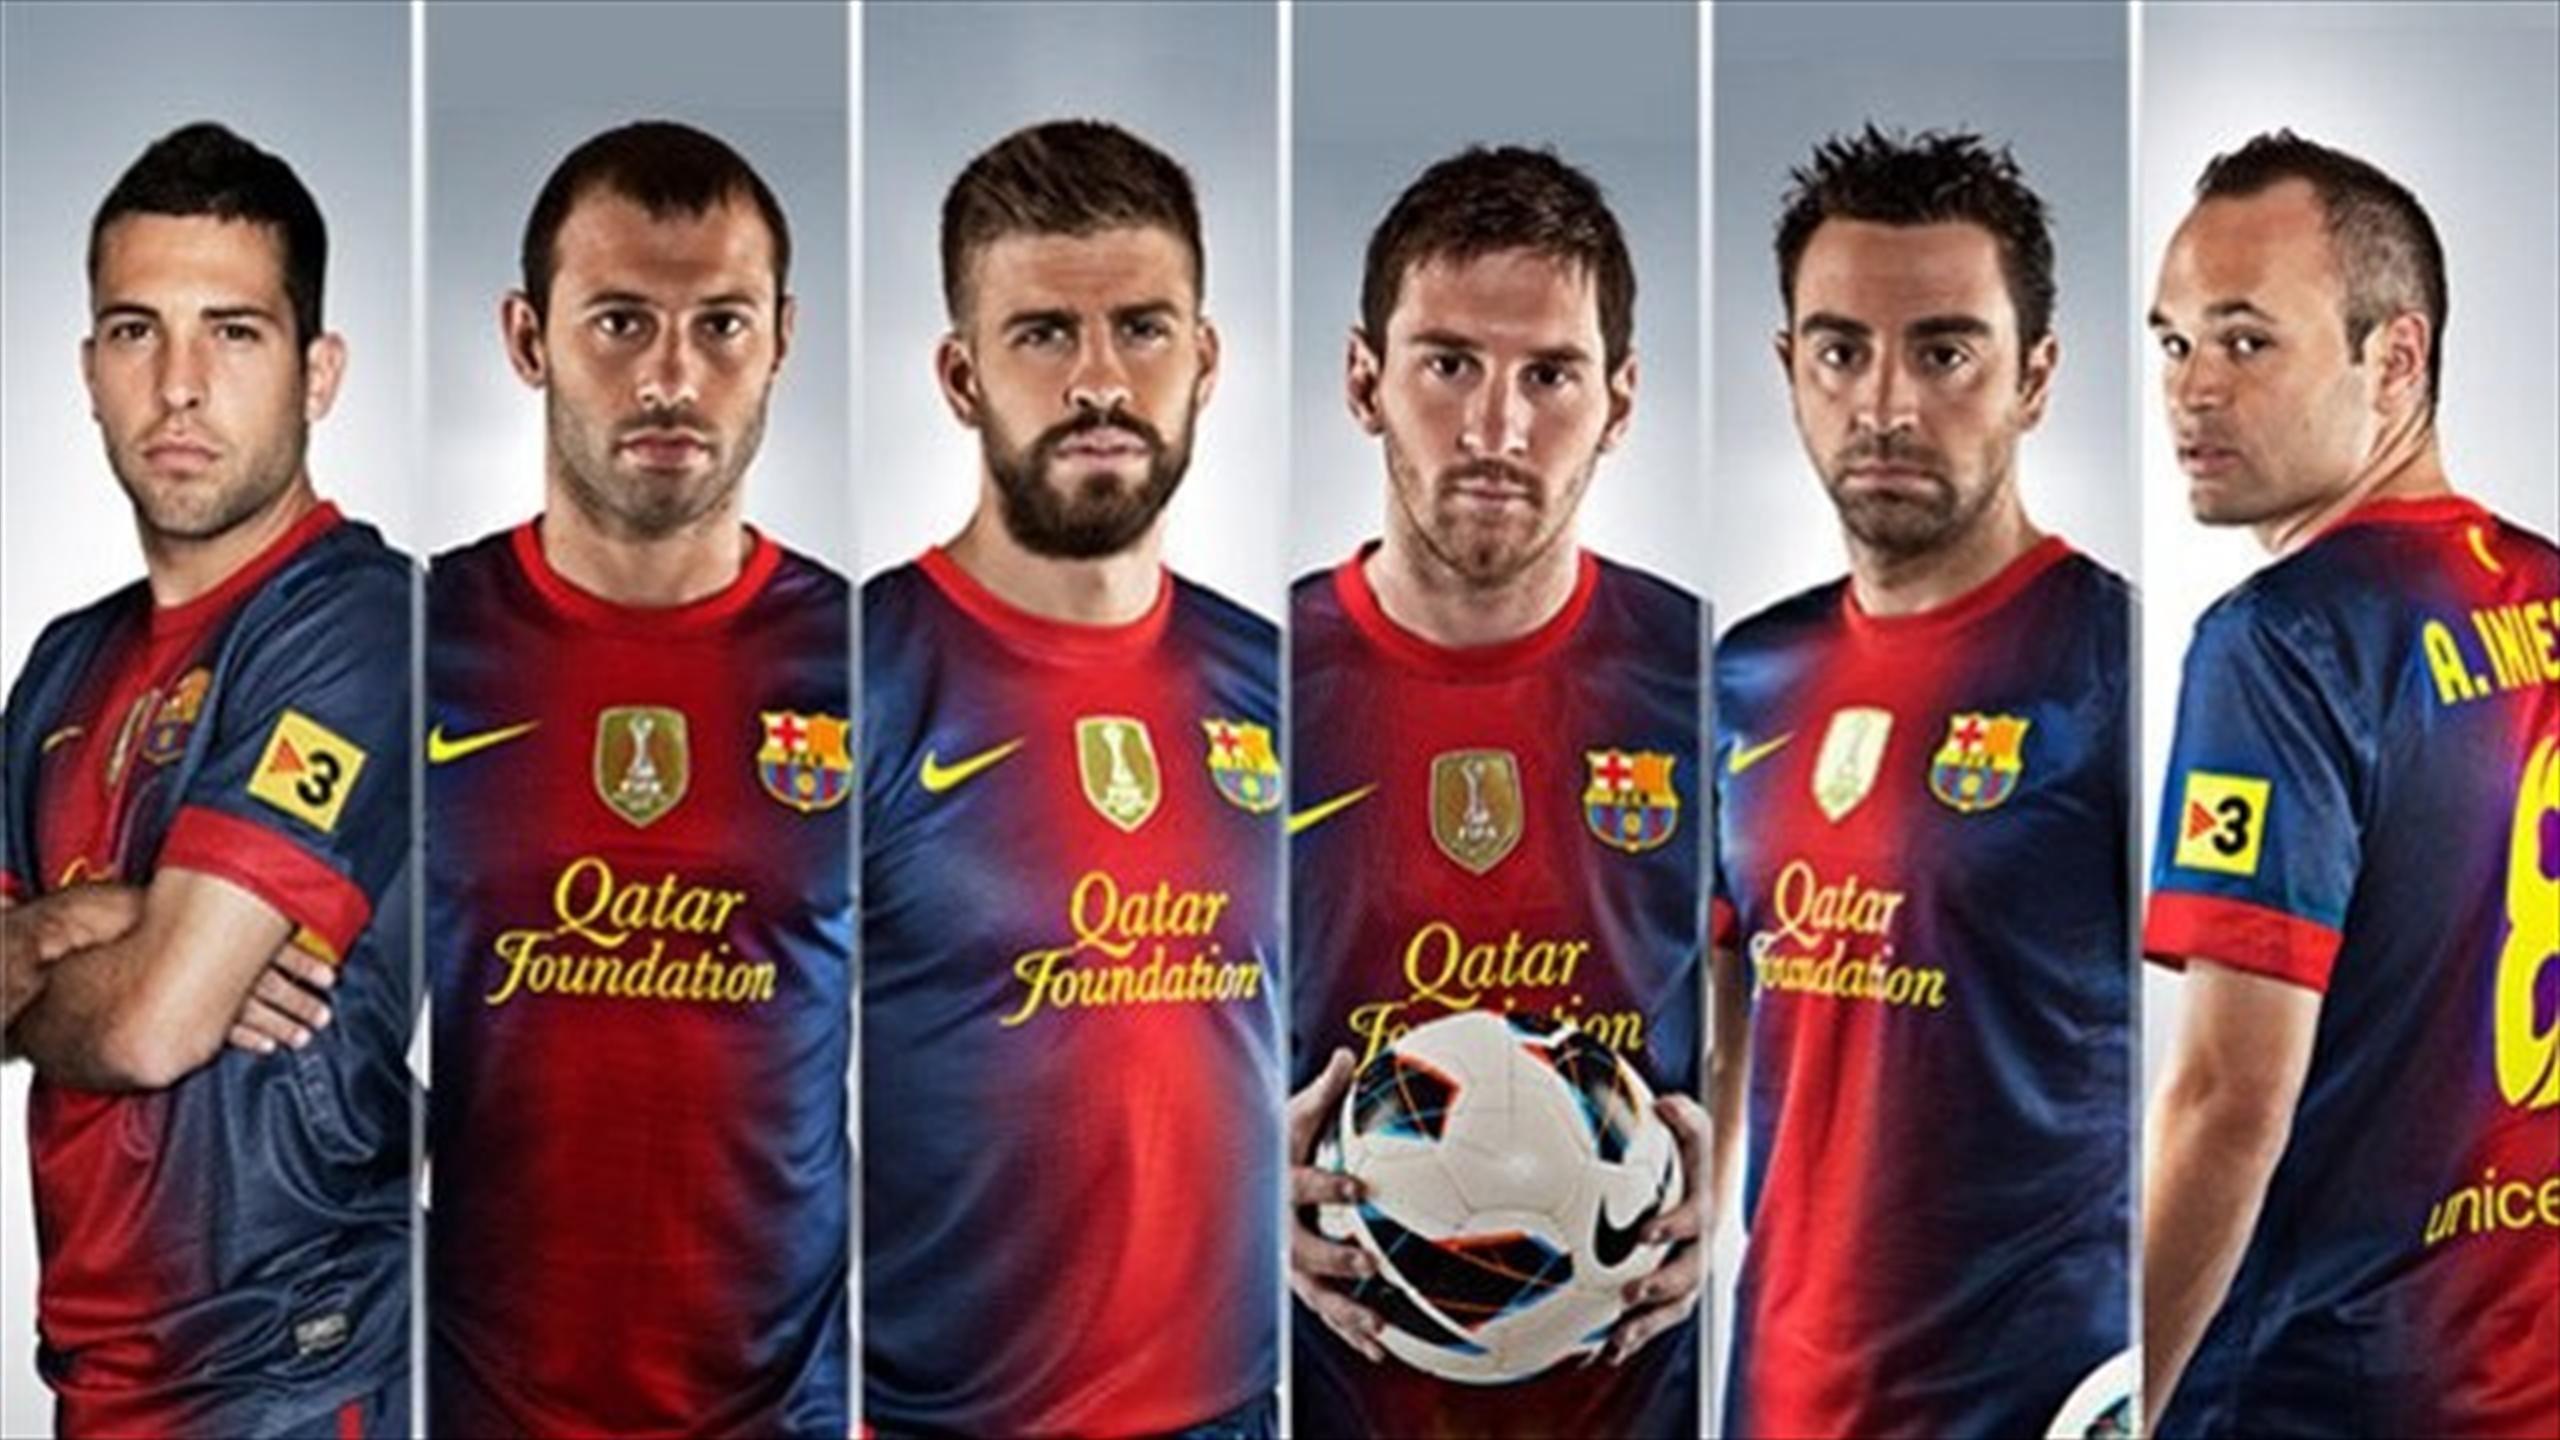 بالصور صور فريق برشلونة , معلومات عن برشلونه 5372 8